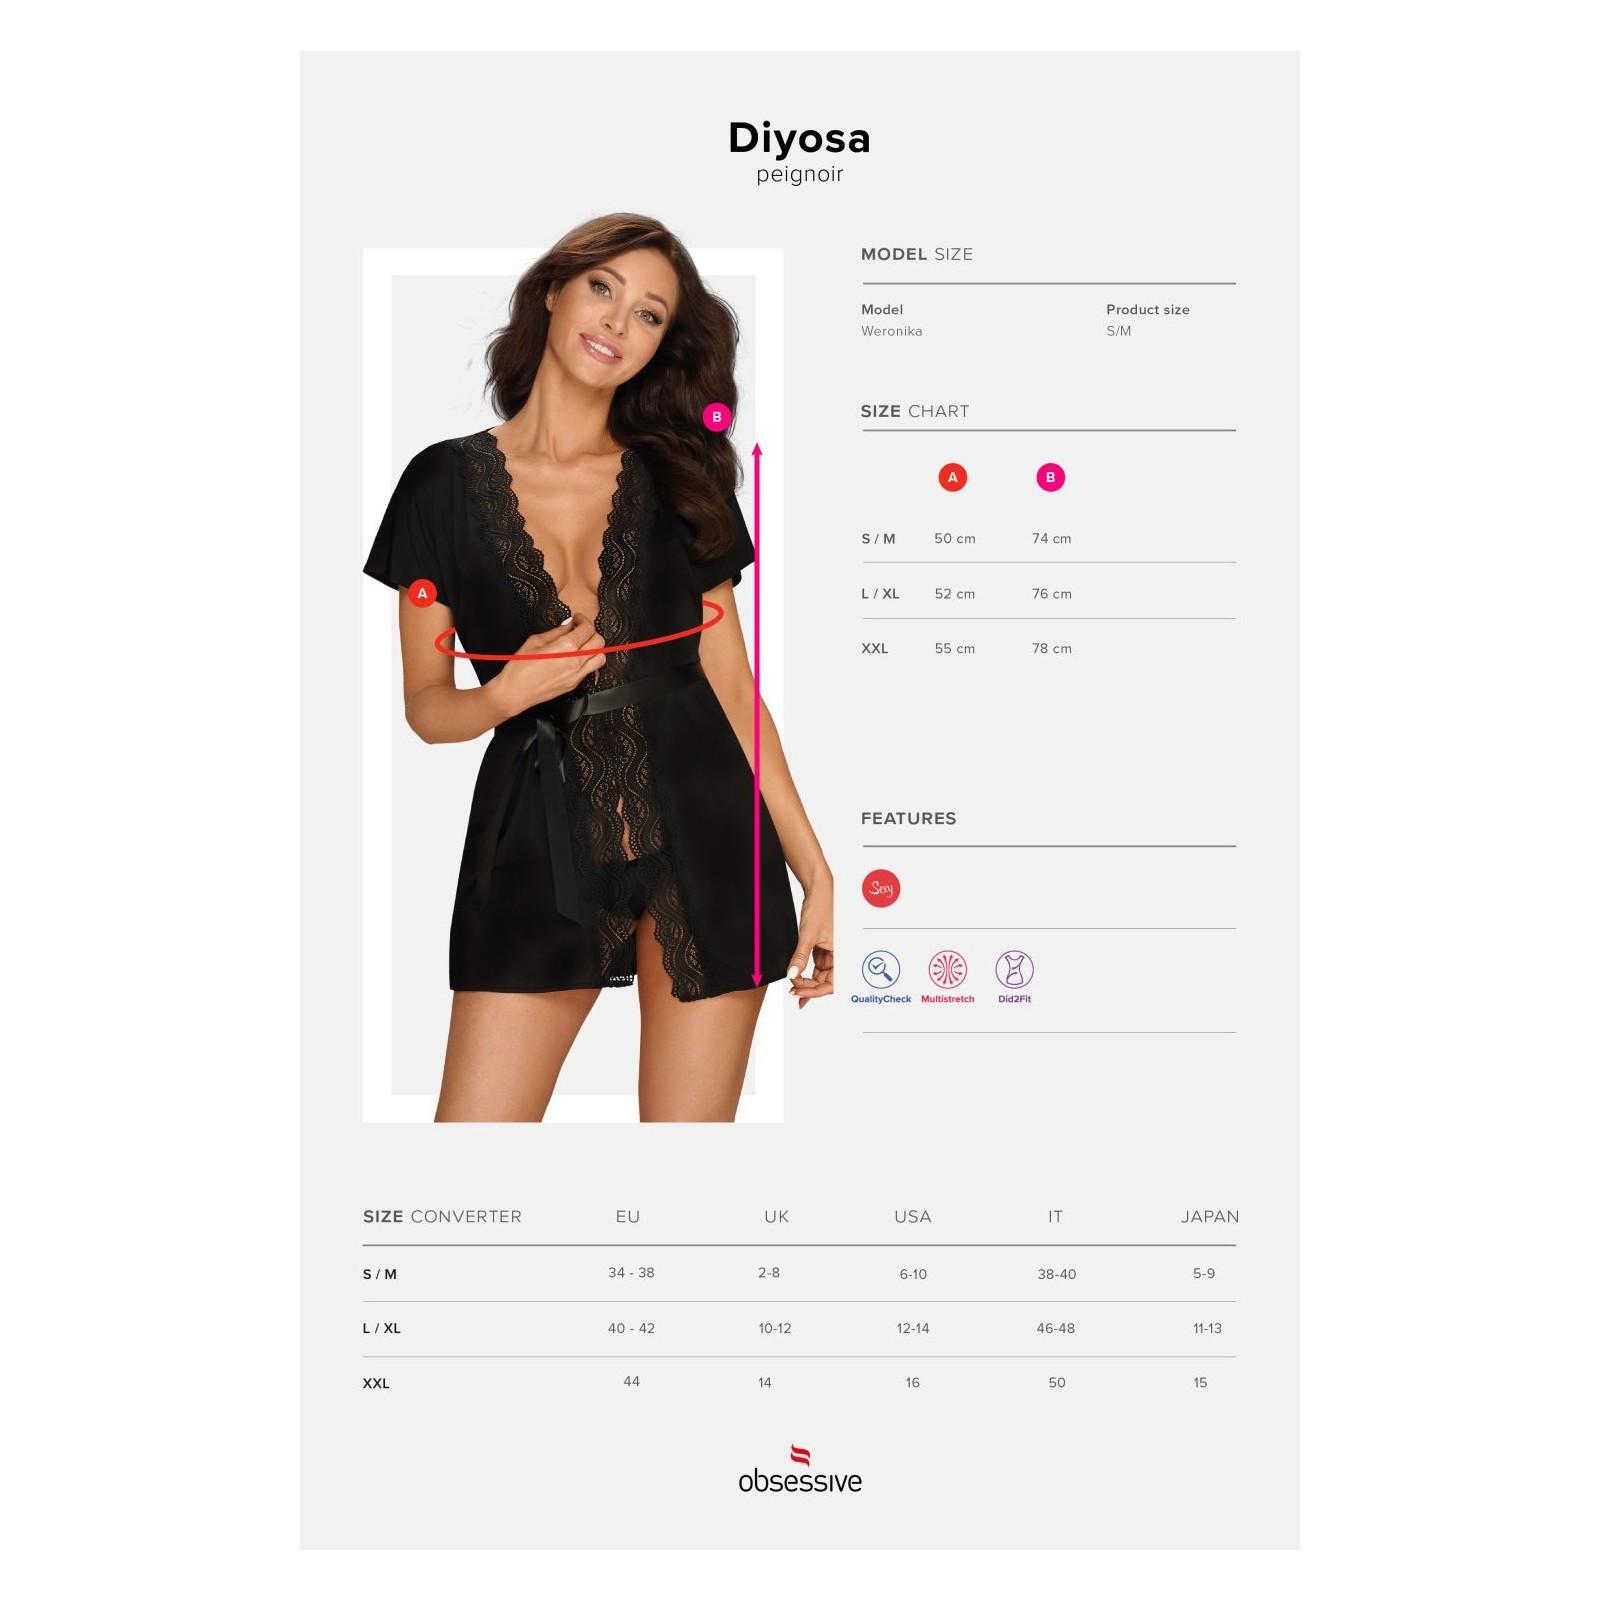 Diyosa Peignoir - 7 - Vorschaubild